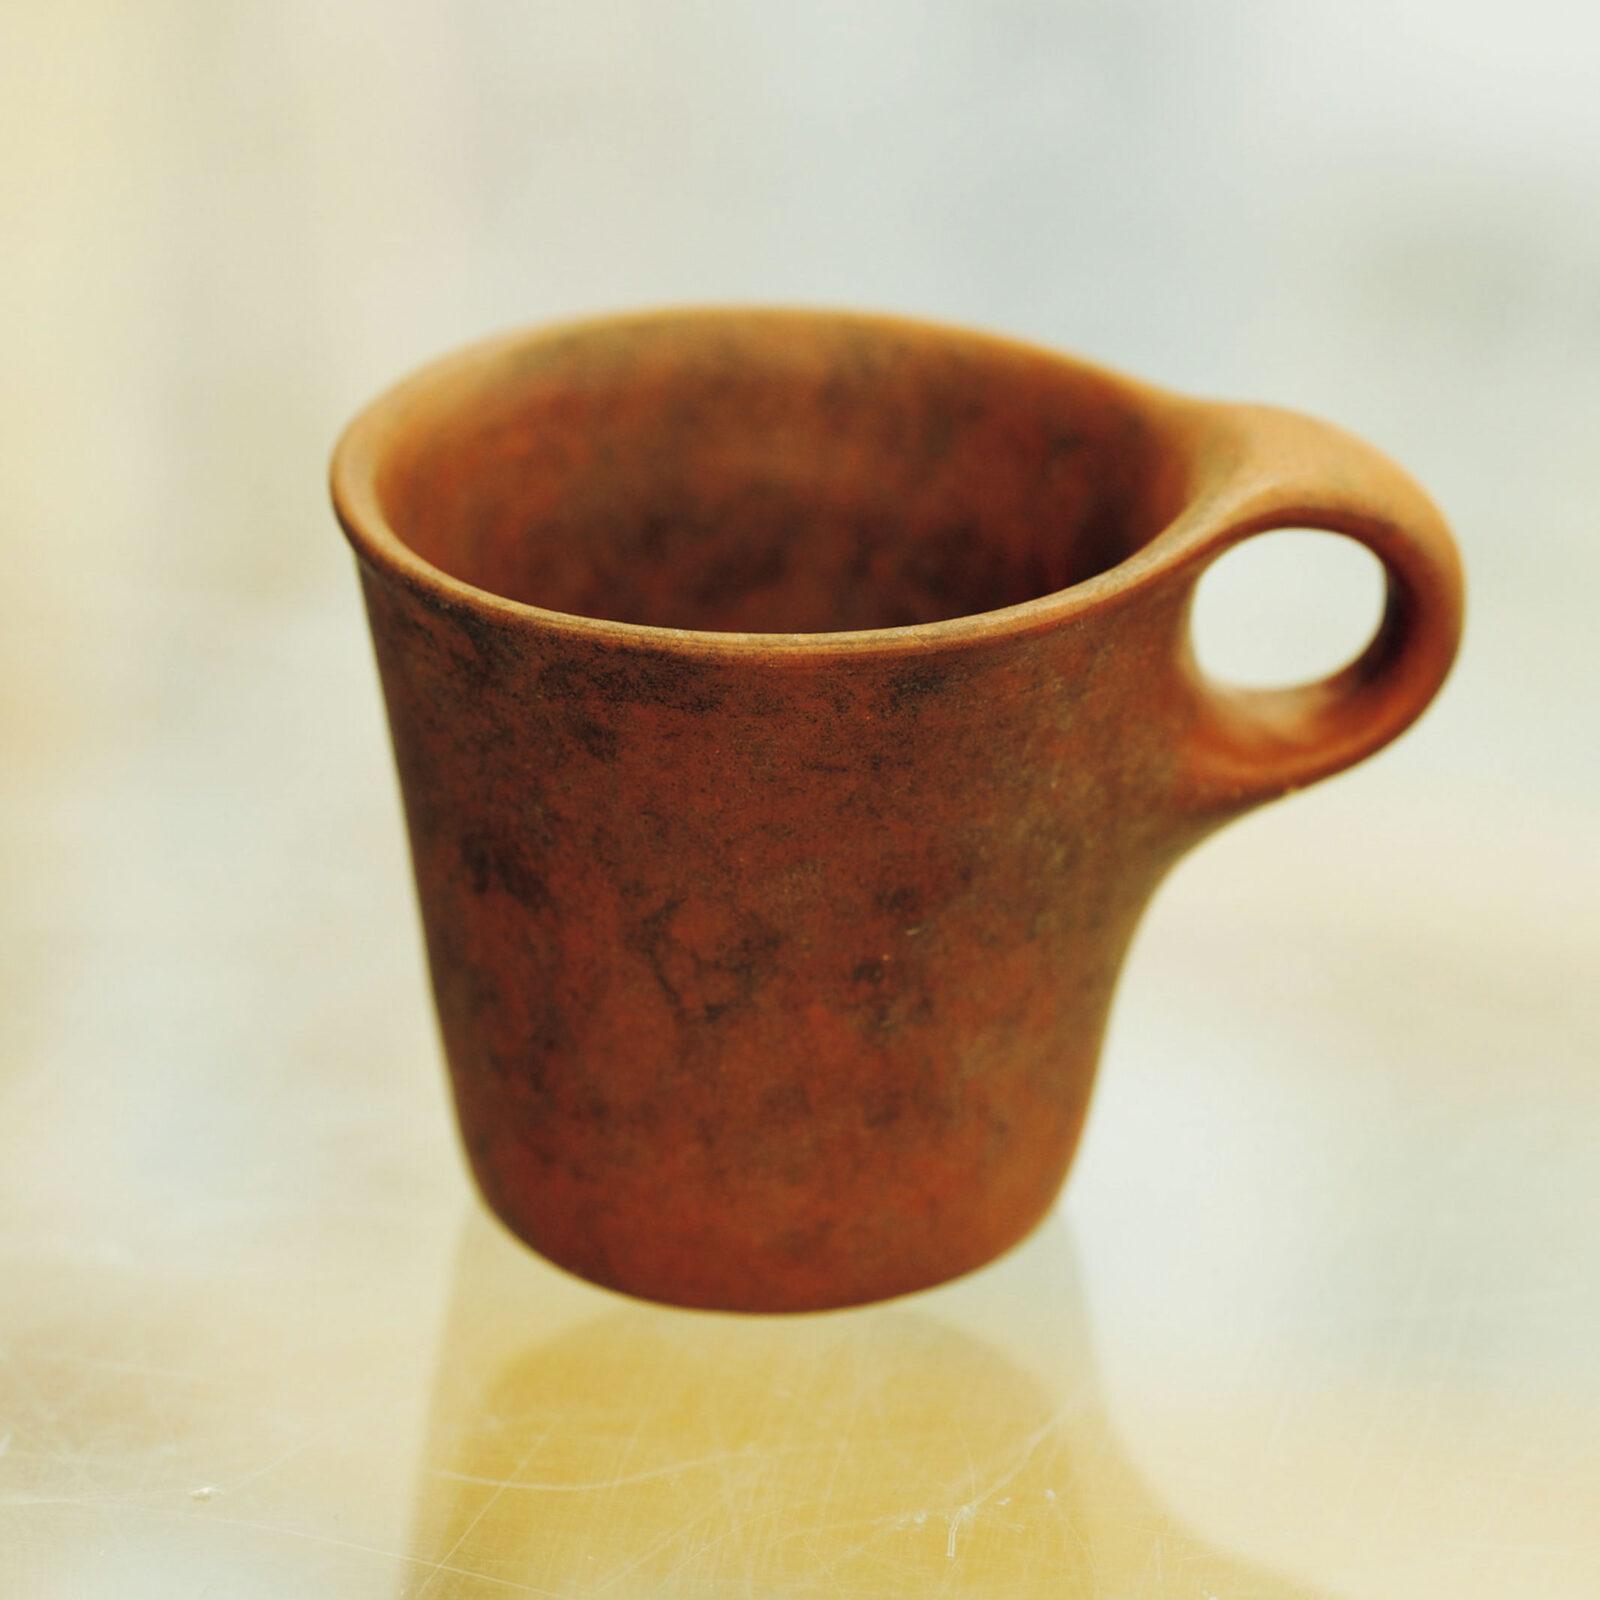 中村圭佑(〈DAIKEI MILLS〉代表)成田周平さんの作品だそうです。うちの事務所にコーヒーカップを選んで買ってきてくれるスタッフがいて、これは「土っぽい感じが似合いそう」とセレクトされたもの。